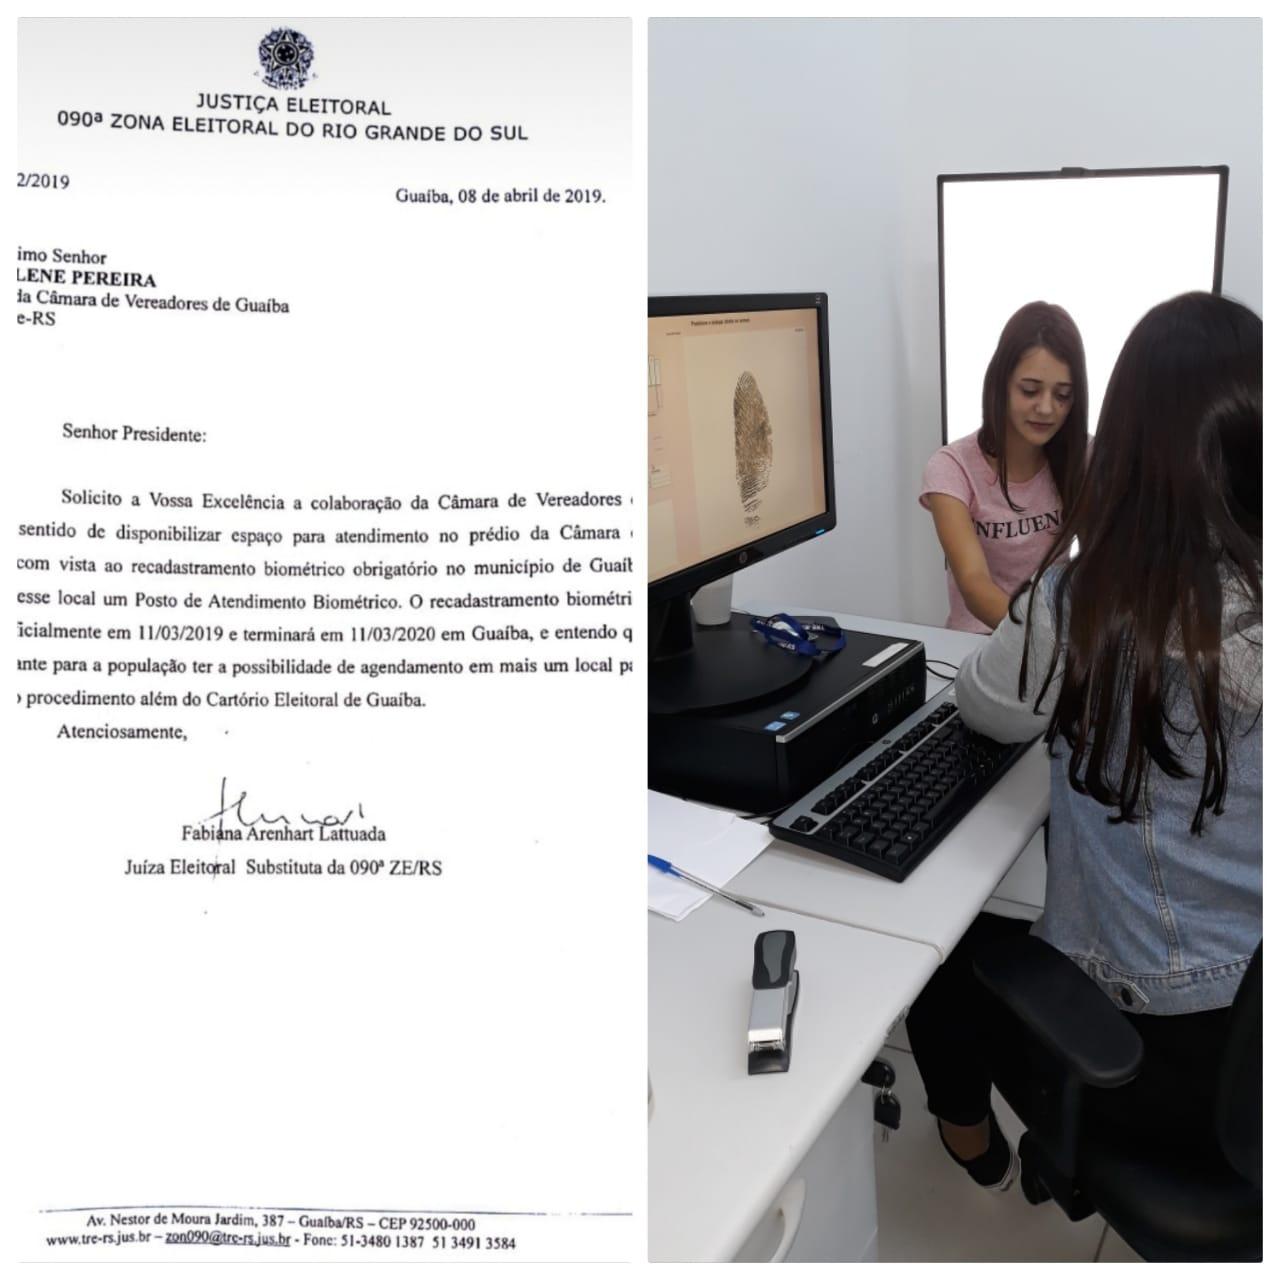 Justiça Eleitoral instala Posto de Atendimento Biométrico na Câmara Municipal